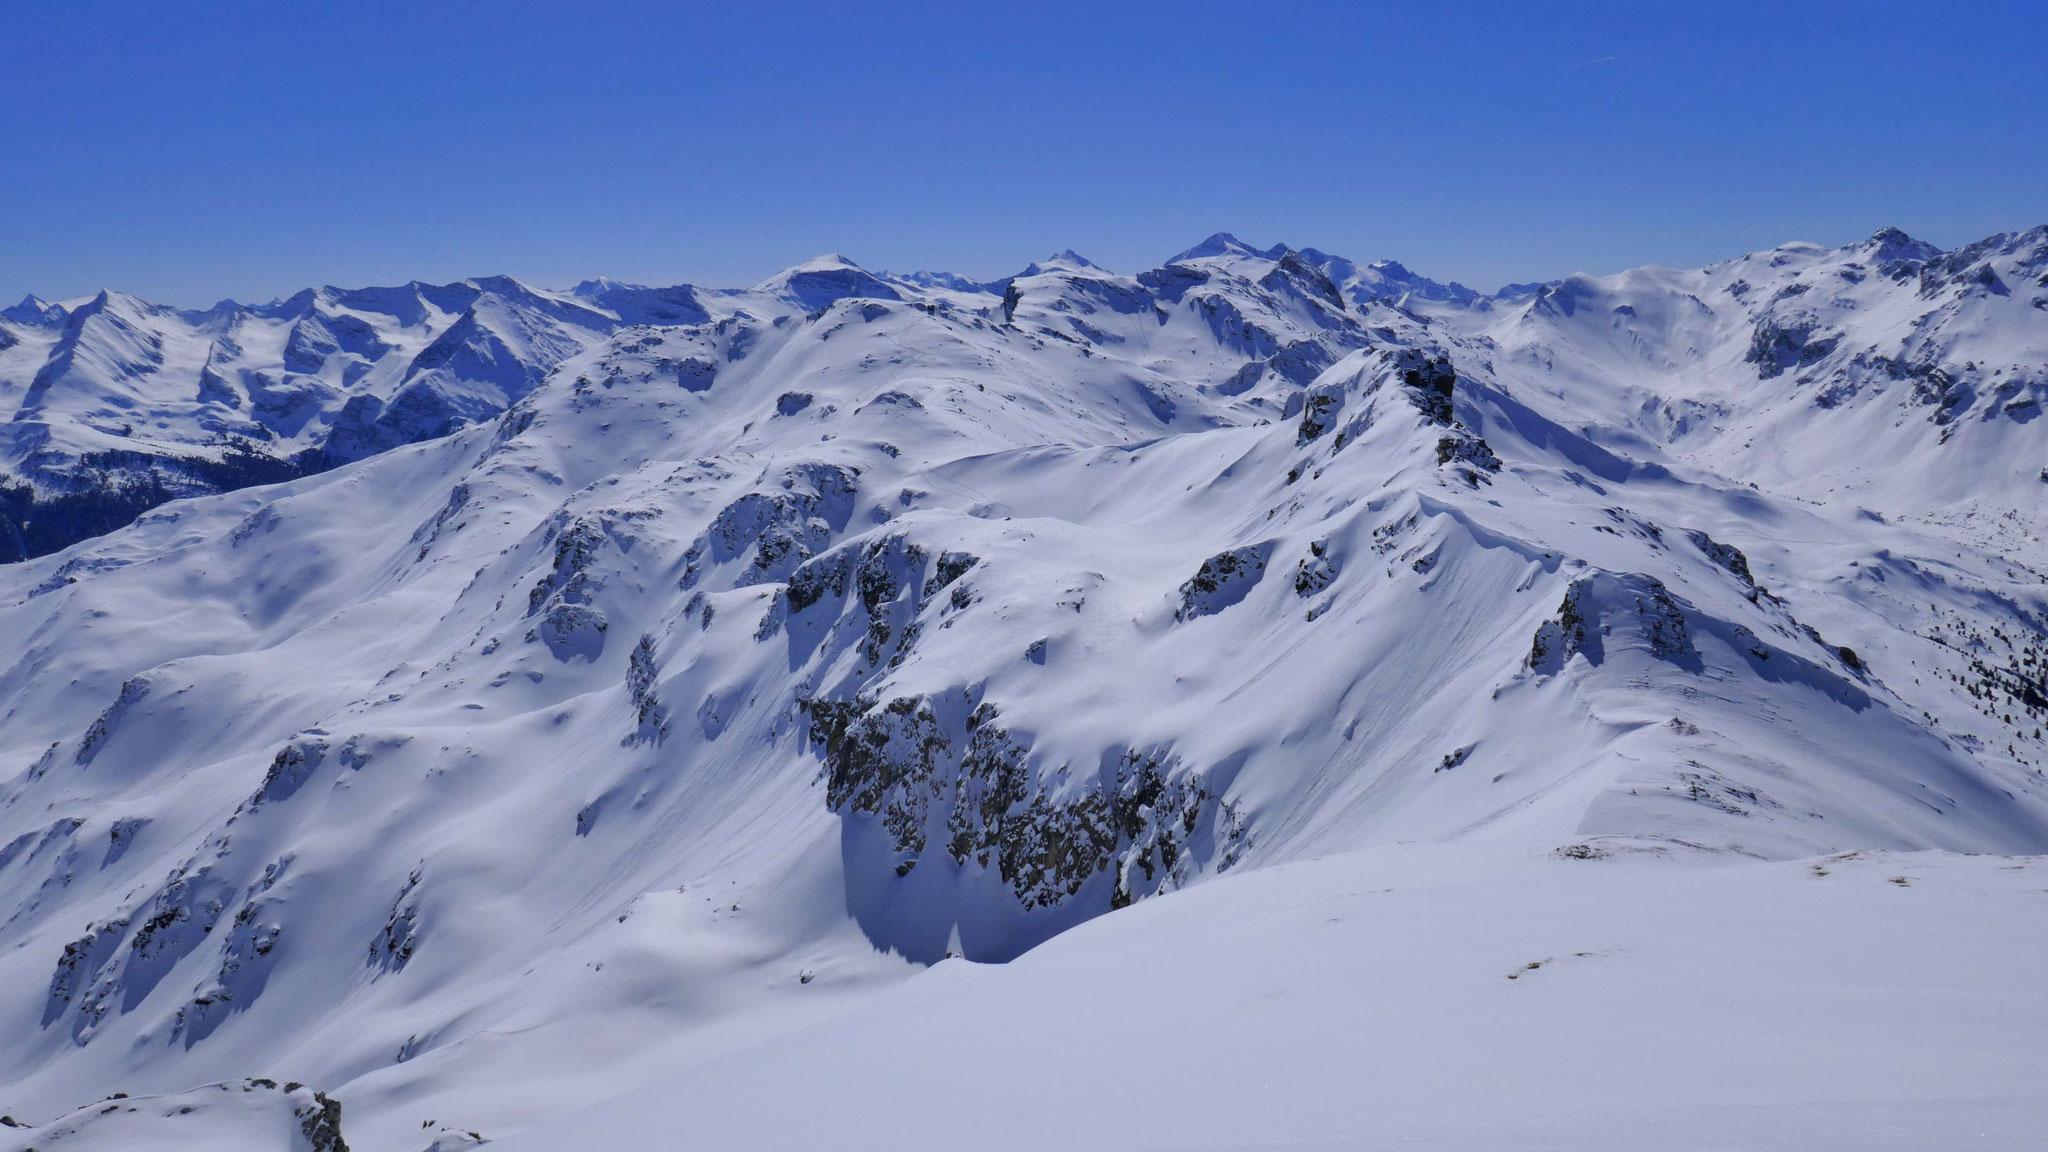 Der südliche Hirzerkamm mit Eiskar-, Torspitze und Grauer Wand